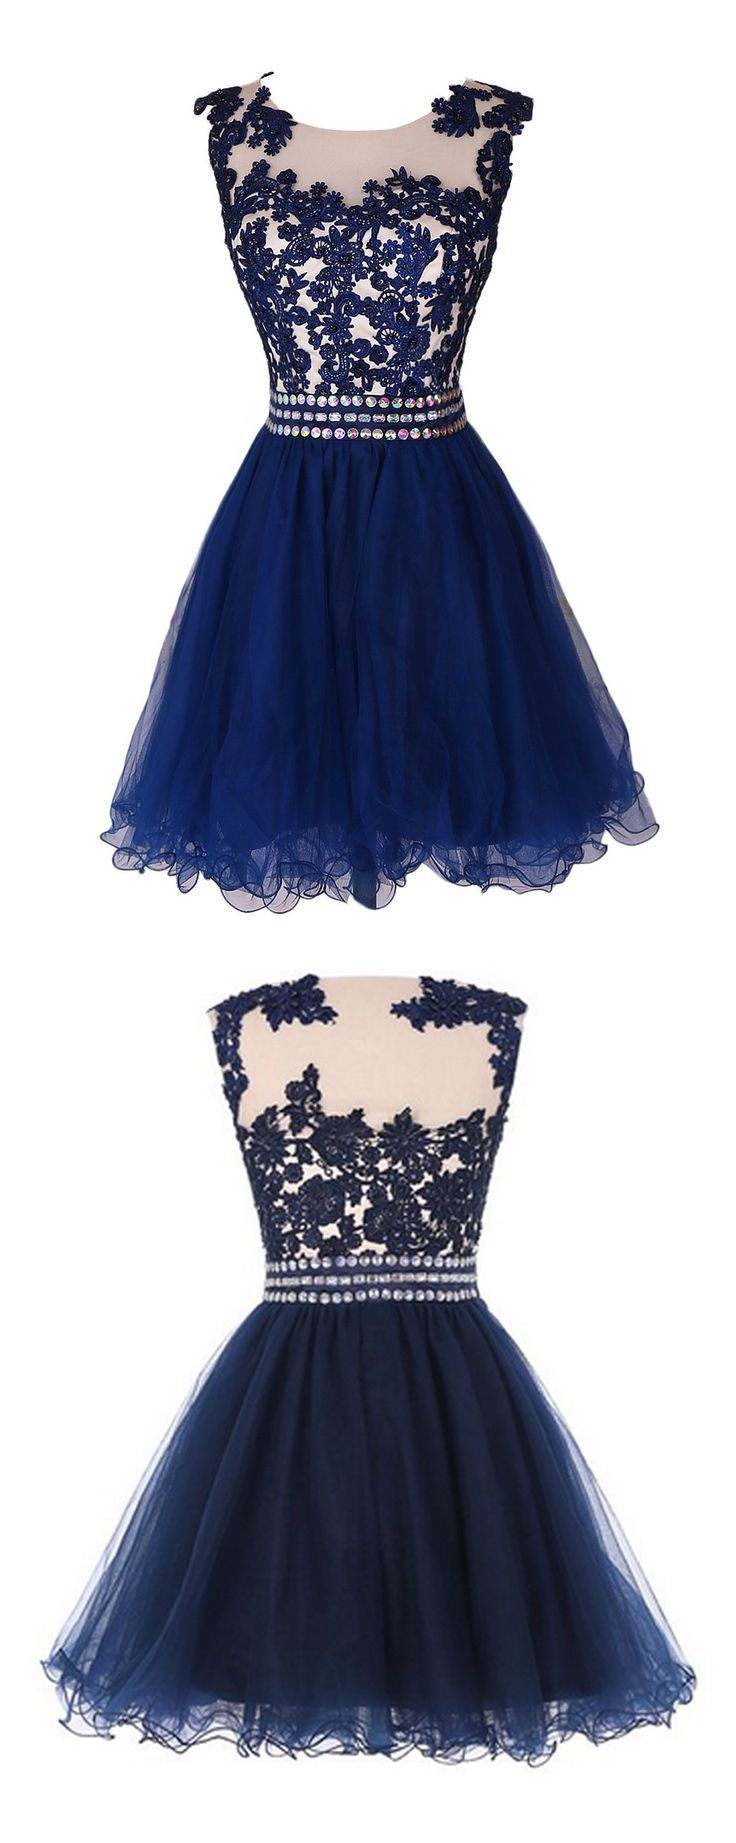 royal blue homecoming dresses, short homecoming dresses, dresses for homecoming, high quality homecoming dresses, 2016 homecoming dresses, homecoming dresses 2016, cheap homecoming dresses, back to school